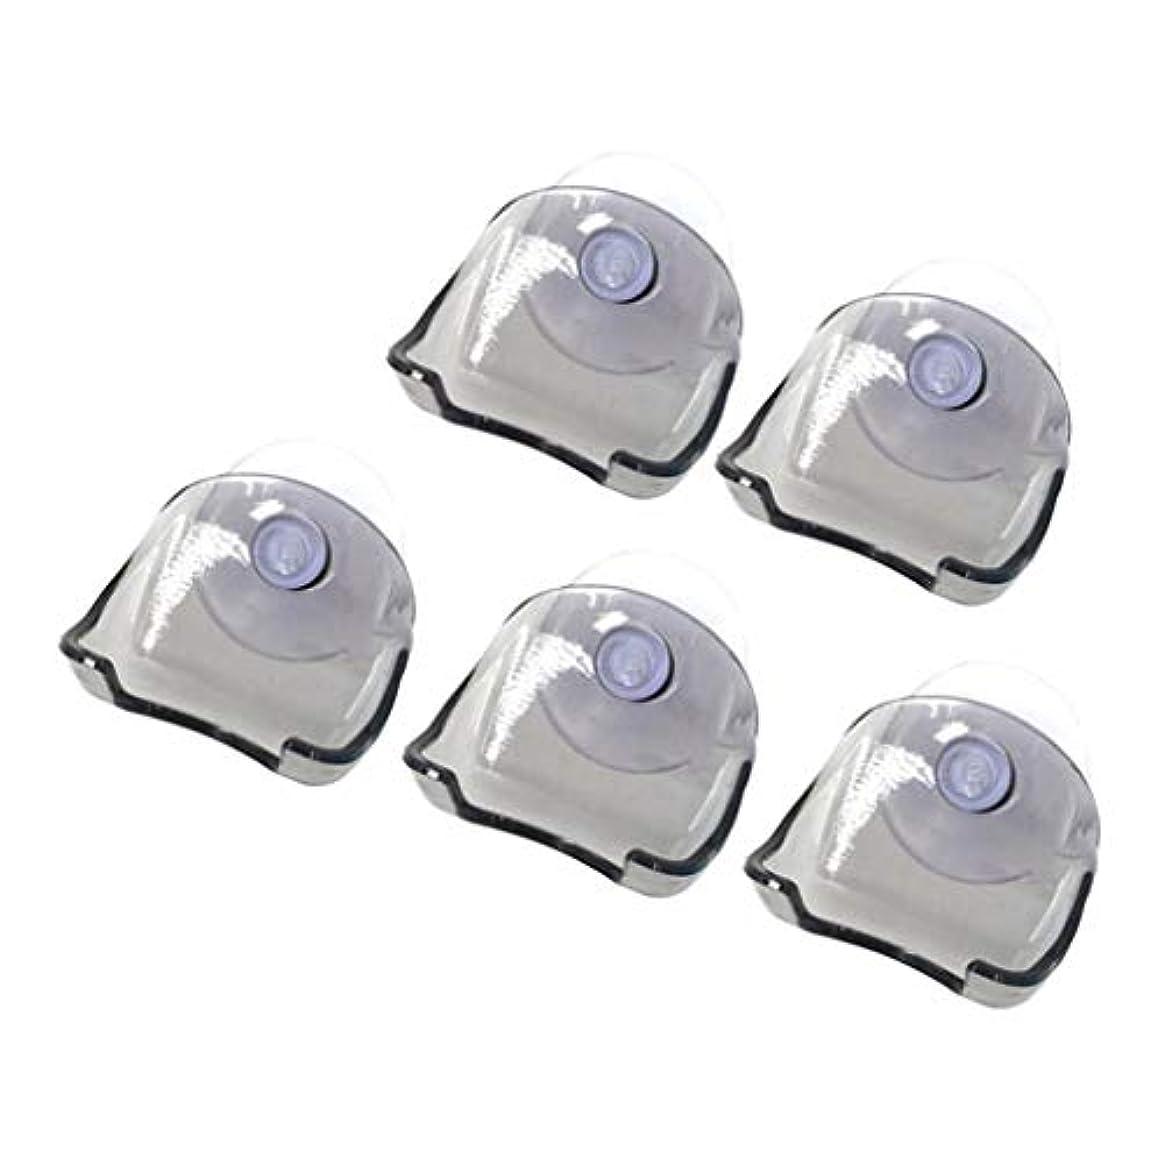 介入するラダゆりHellery シェーバーホルダー シェーバーラック シェーバースタンド プラスチック製 吸盤 バスルーム 洗面台 5個 全2色 - グレー